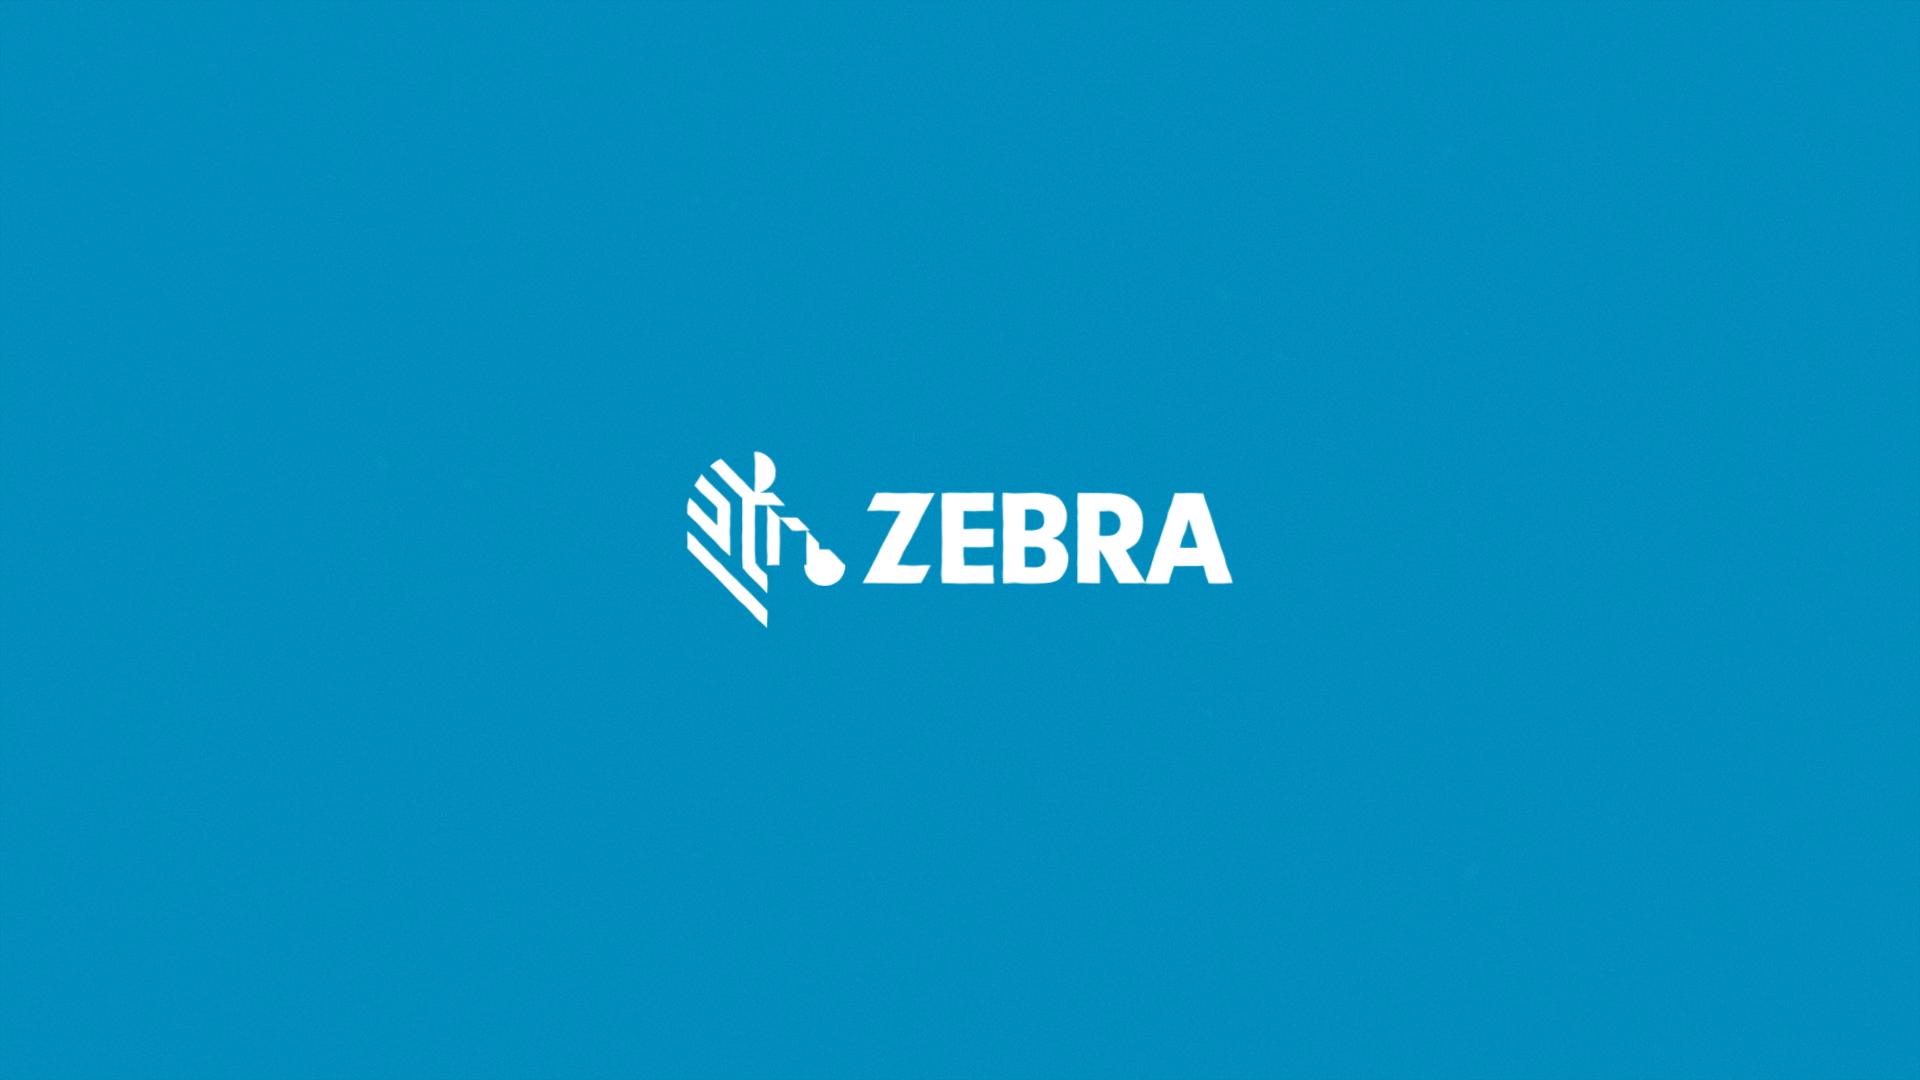 Zebra TAAP Case Film V007_DirectorsCut (0-00-01-23).png